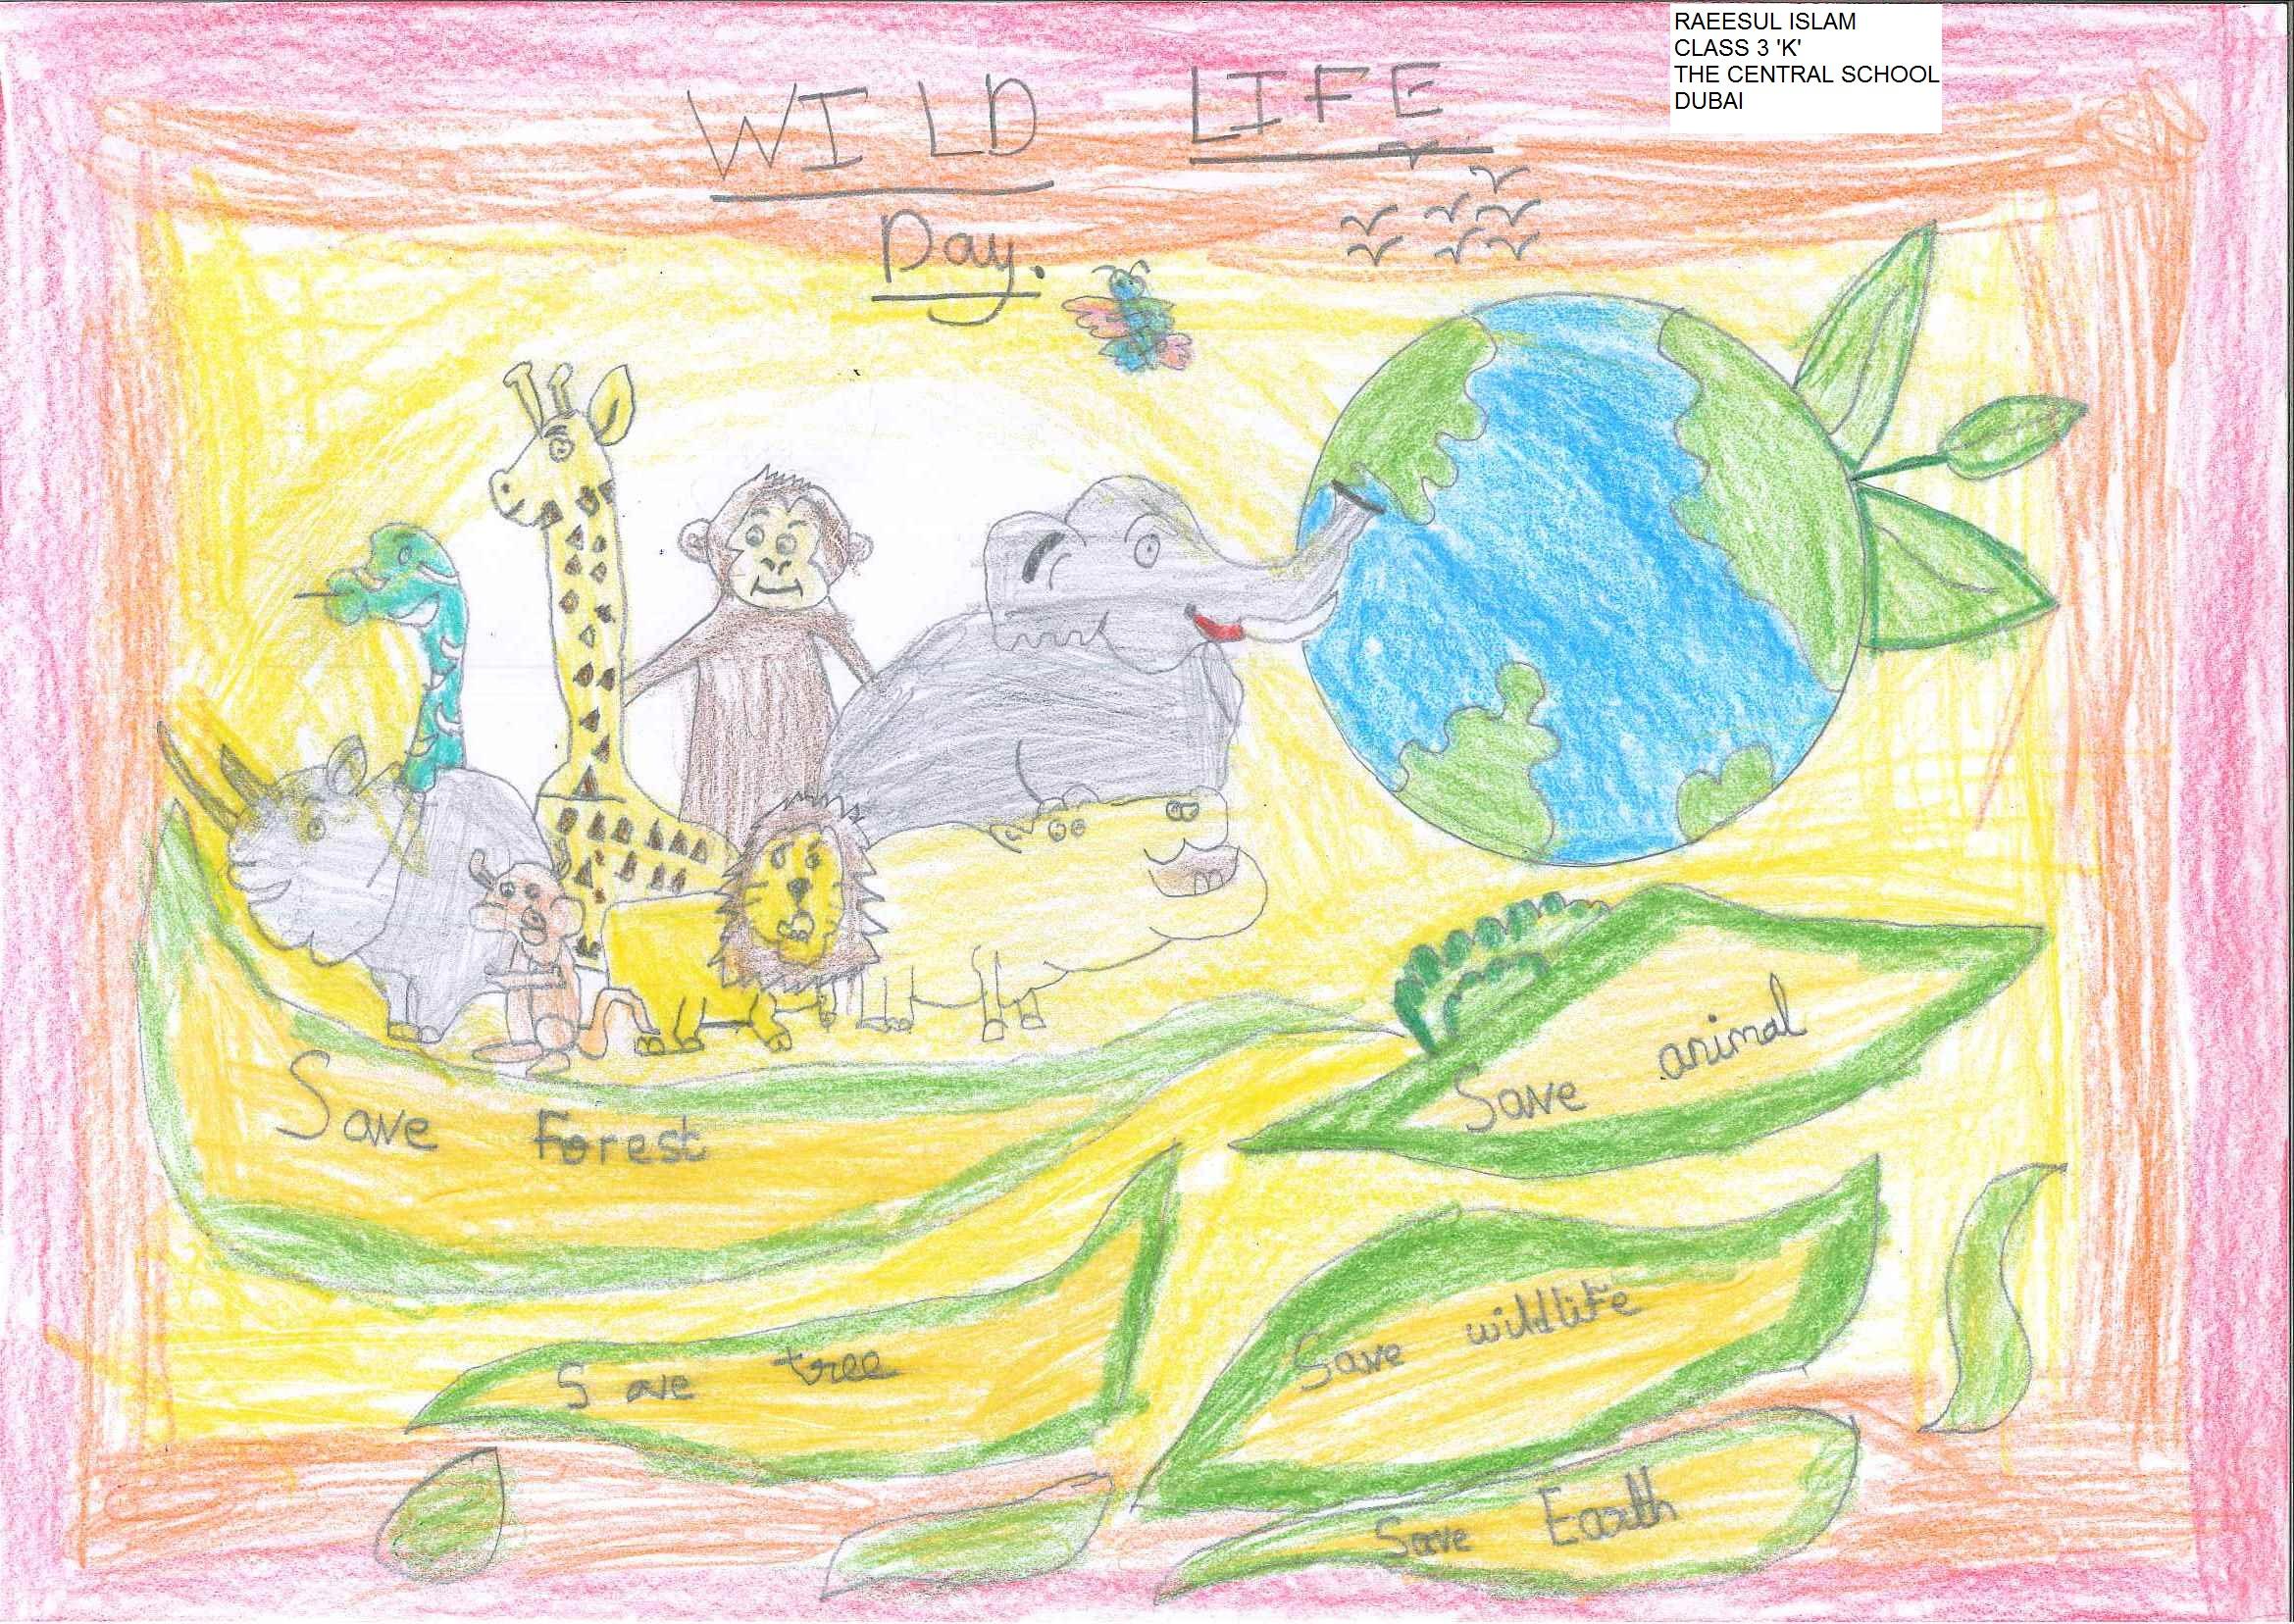 Wildlife Day by Raeesul Islam